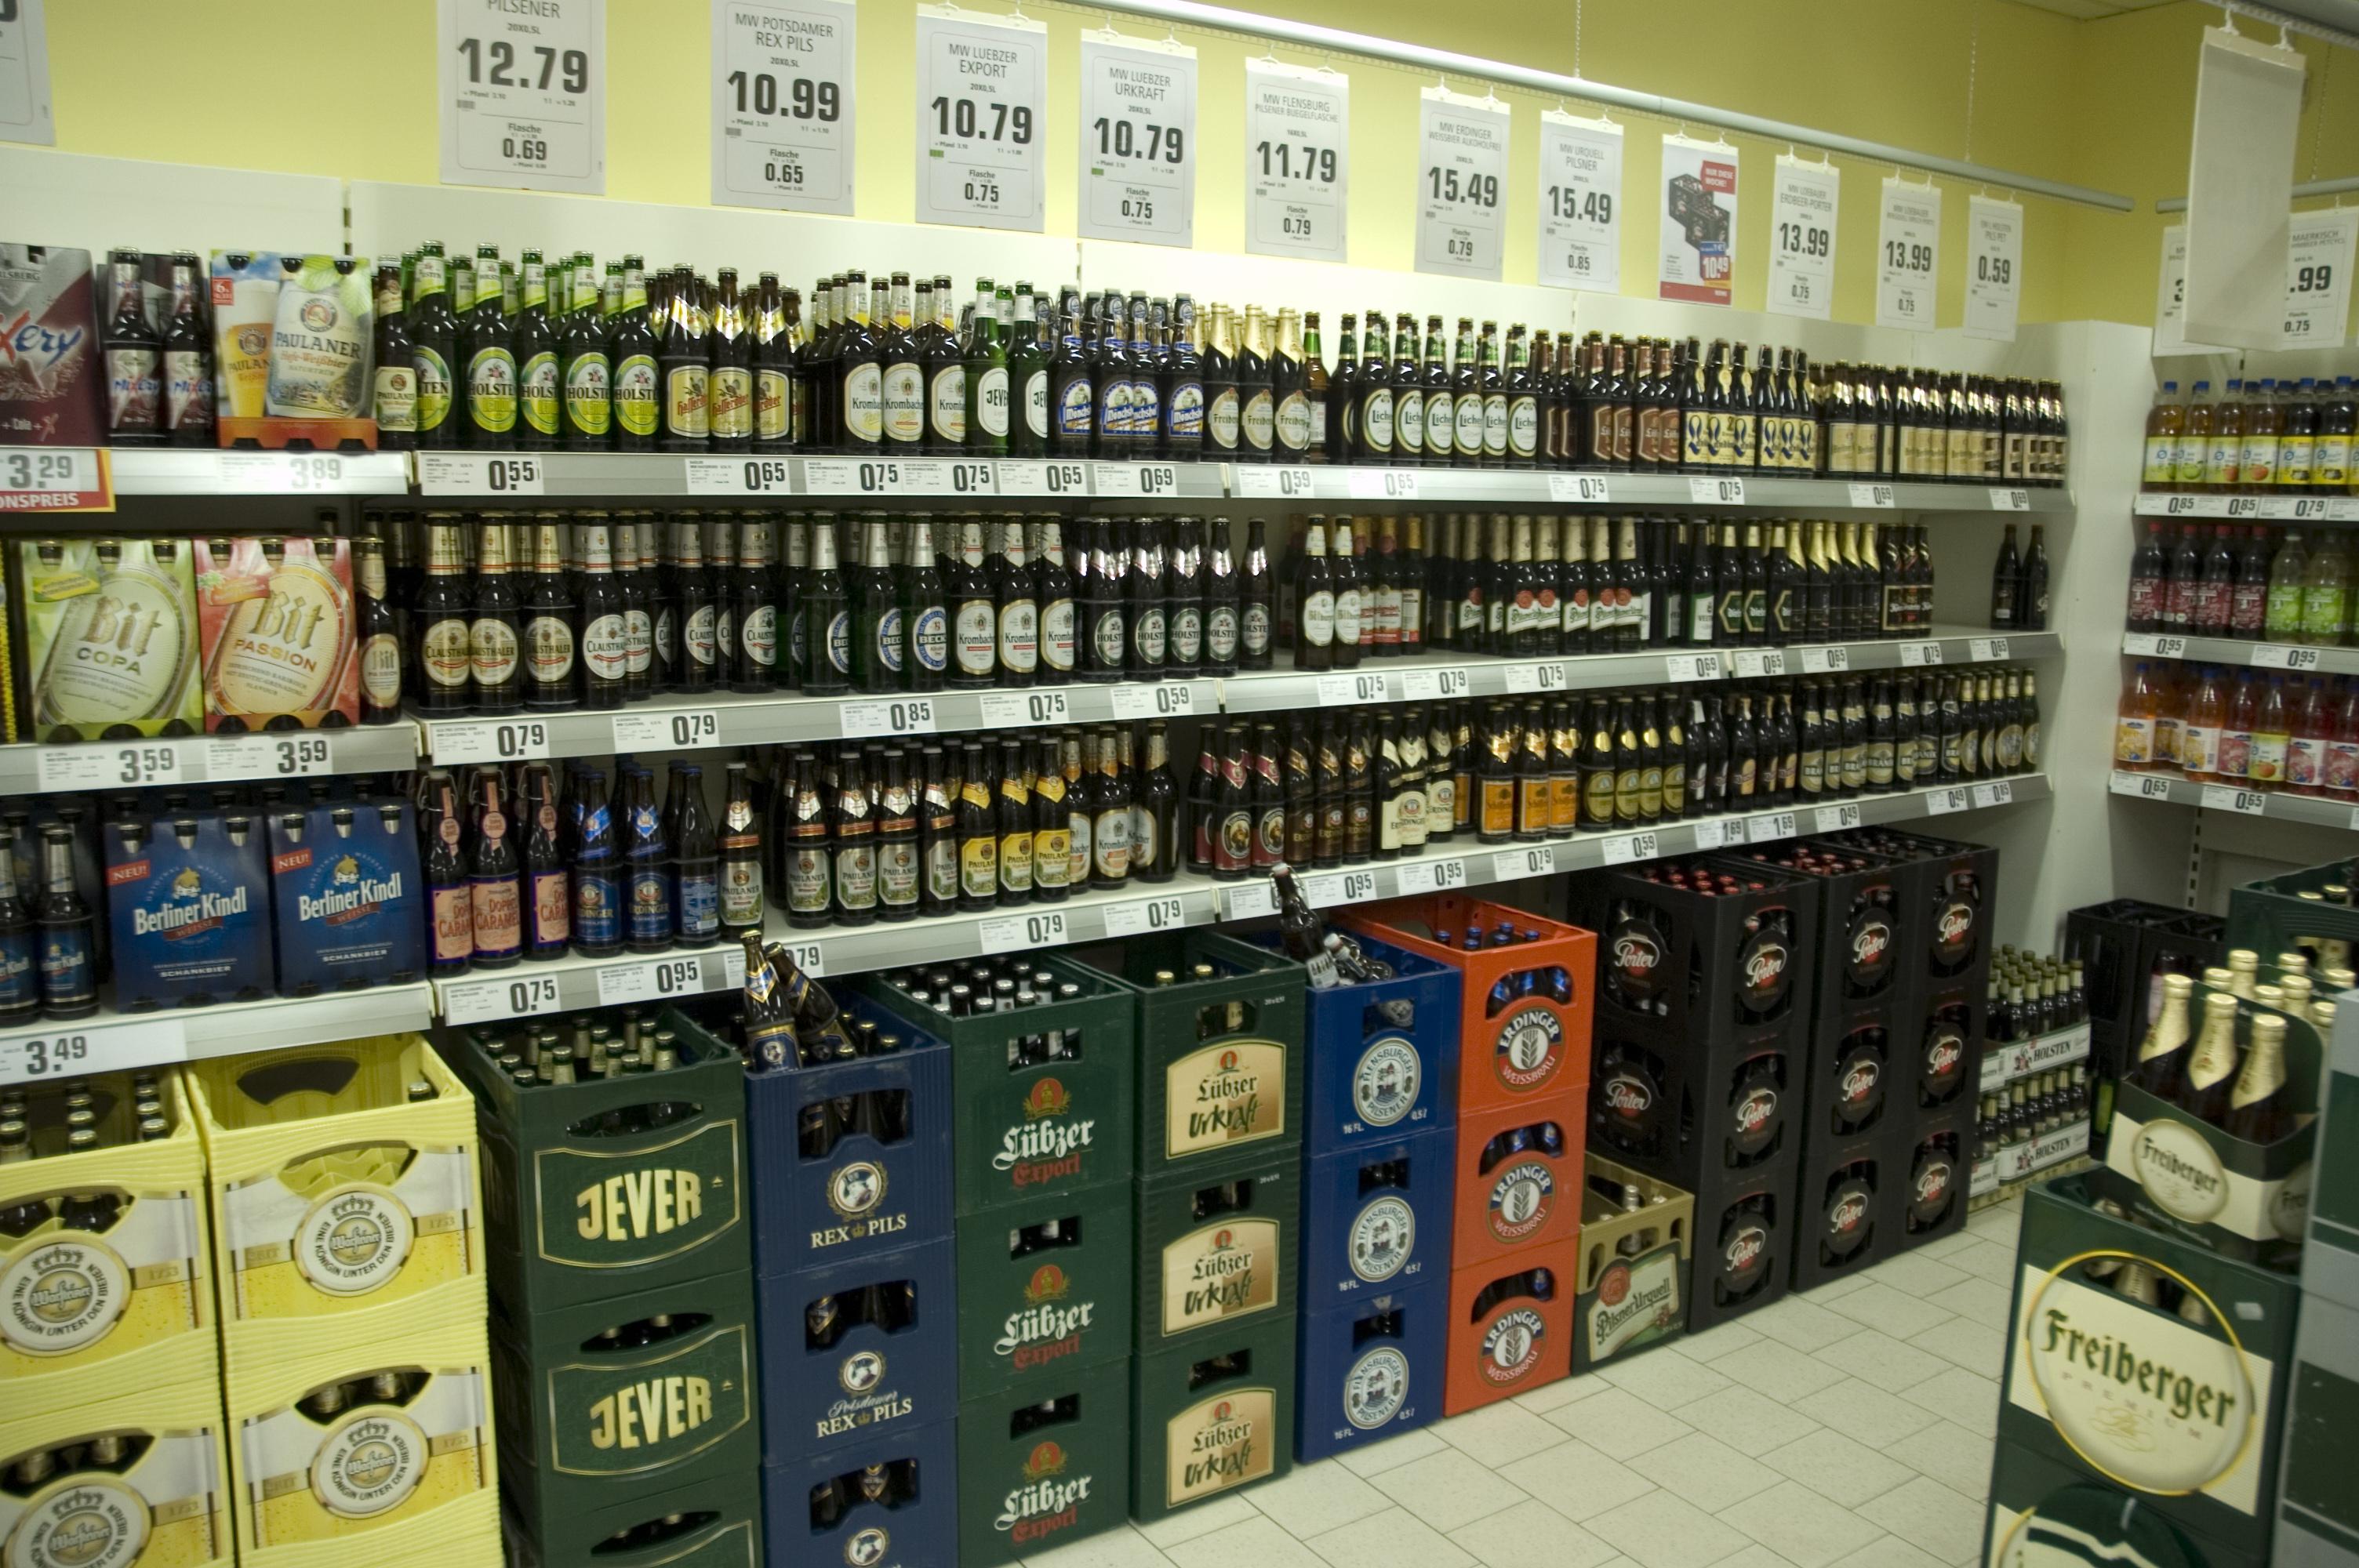 Goedkope bieren in de aanbiedingen MY Caravans - Op zoek naar Busreizen - Vind een goedkope